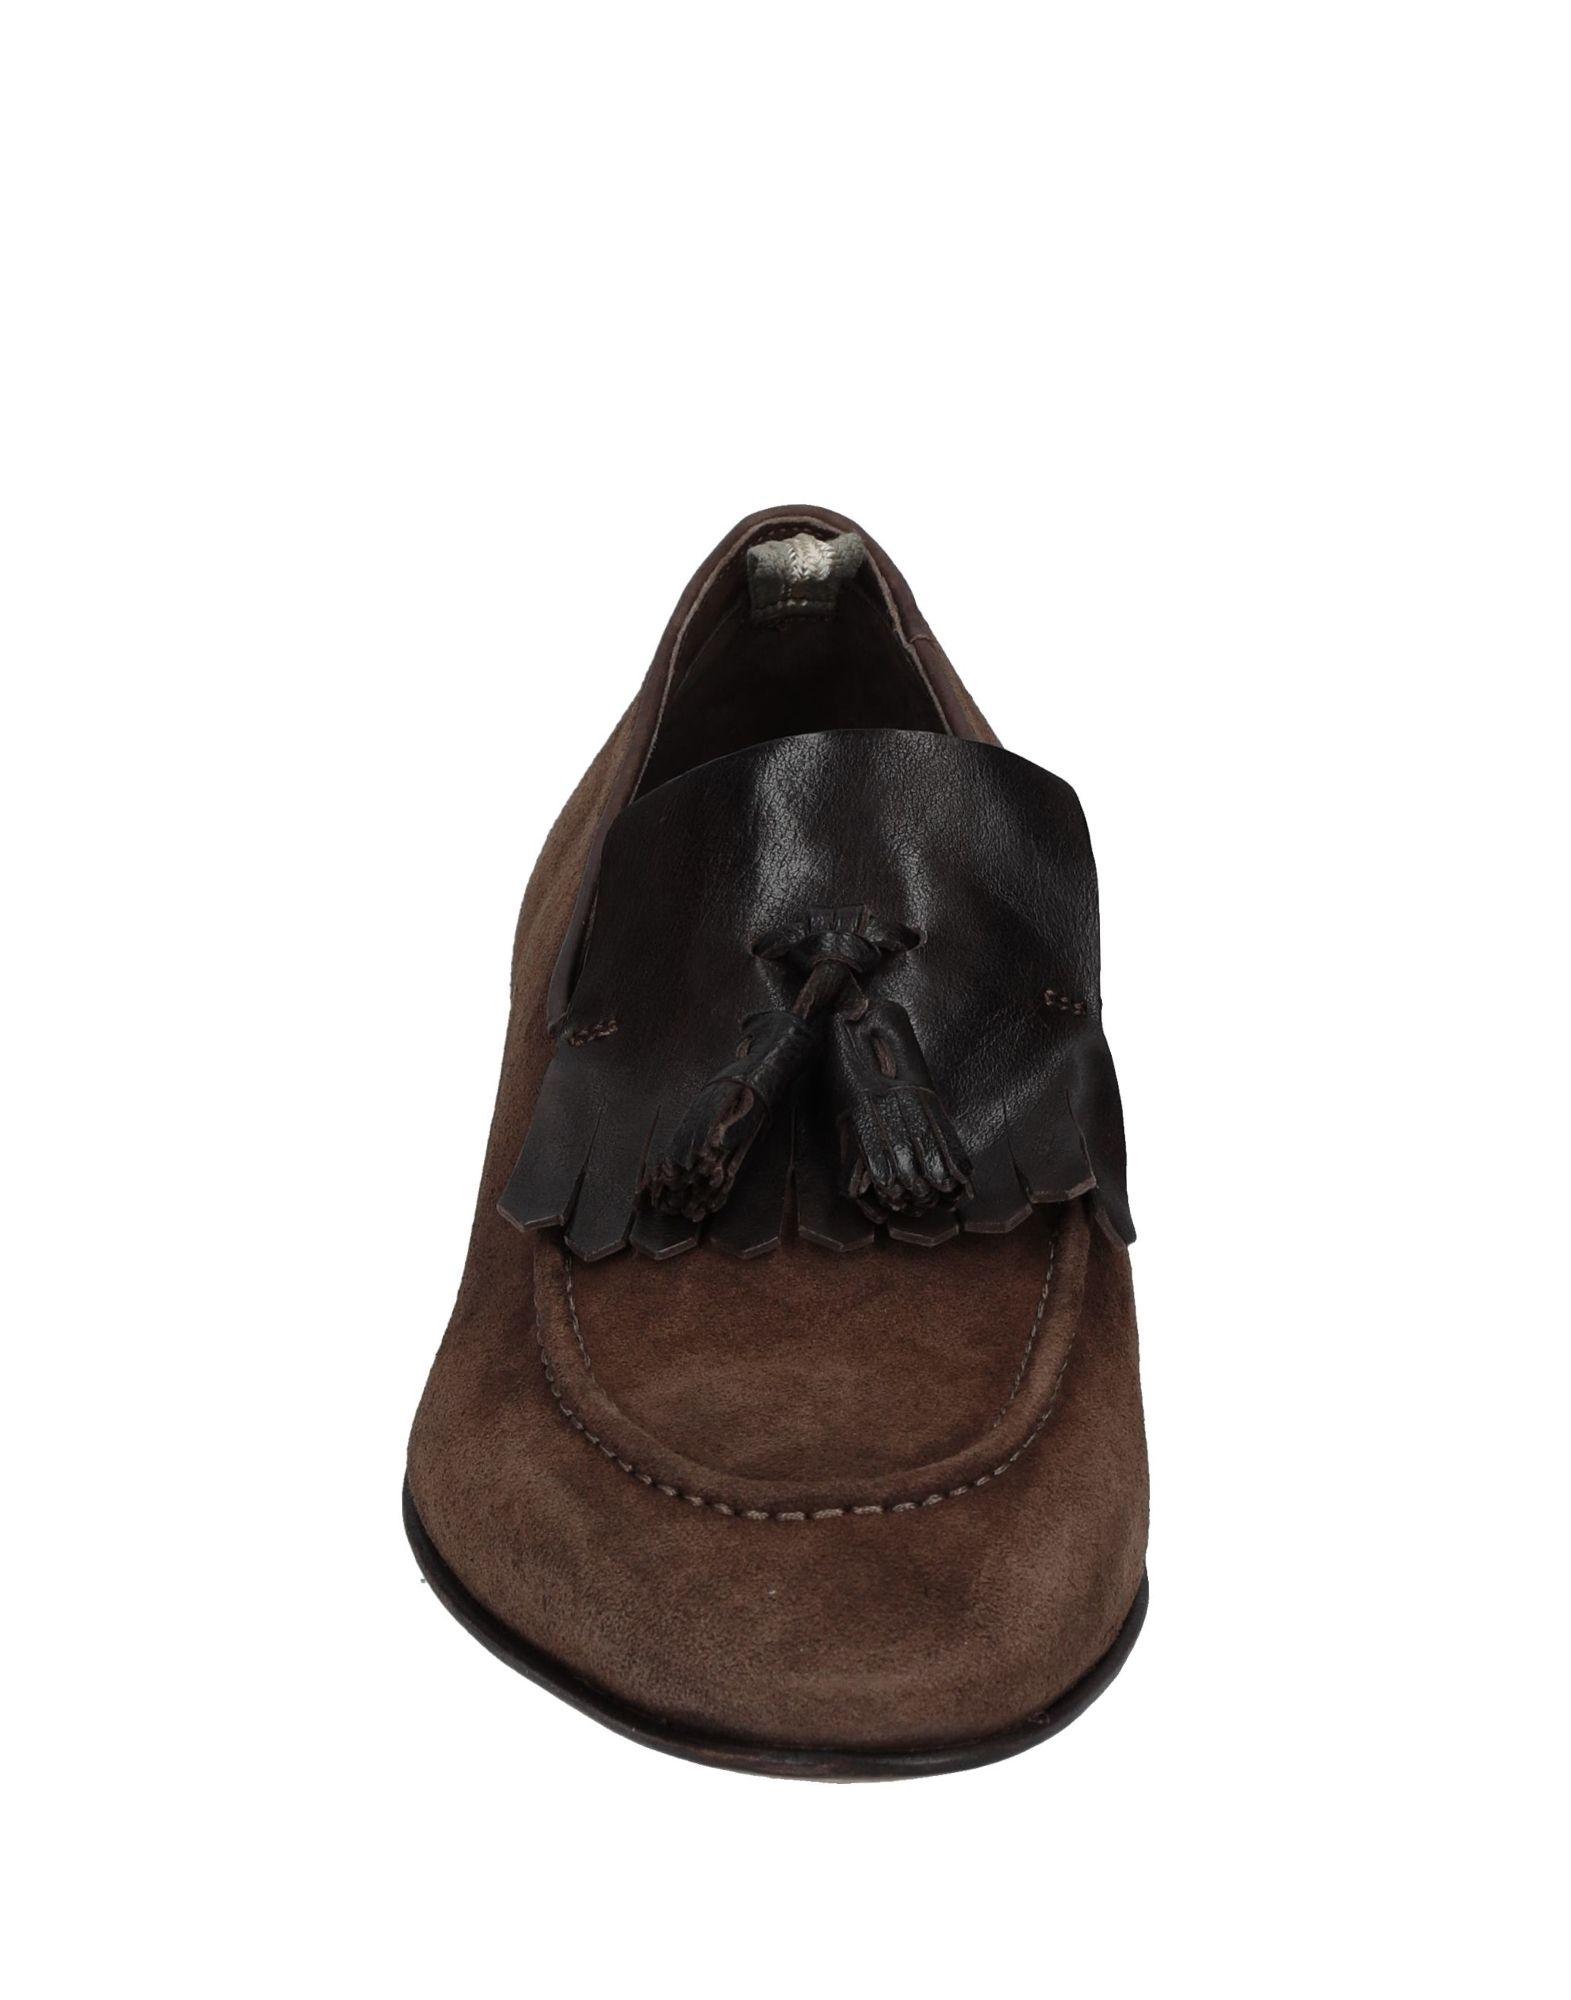 Officine Creative Italia Mokassins Herren  Schuhe 11528432TG Gute Qualität beliebte Schuhe  343ab7